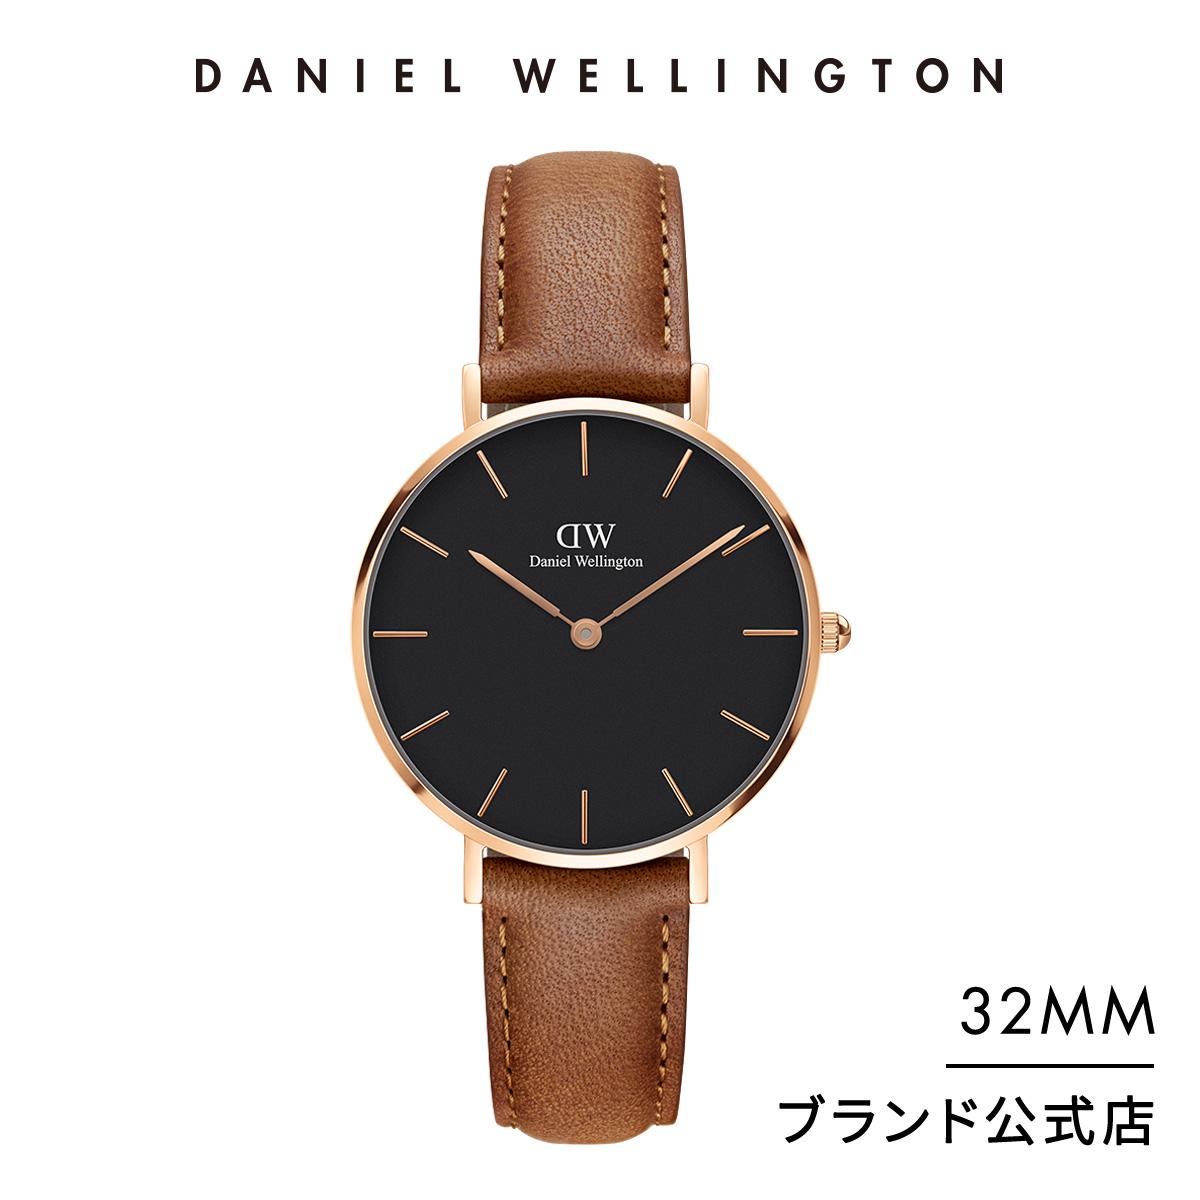 【公式2年保証/送料無料】ダニエルウェリントン公式 レディース 腕時計 Petite Durham Black 32mm 革 ベルト クラシック ぺティート ダラム ブラック DW プレゼント おしゃれ インスタ映え ブランド 彼女 彼氏 母の日